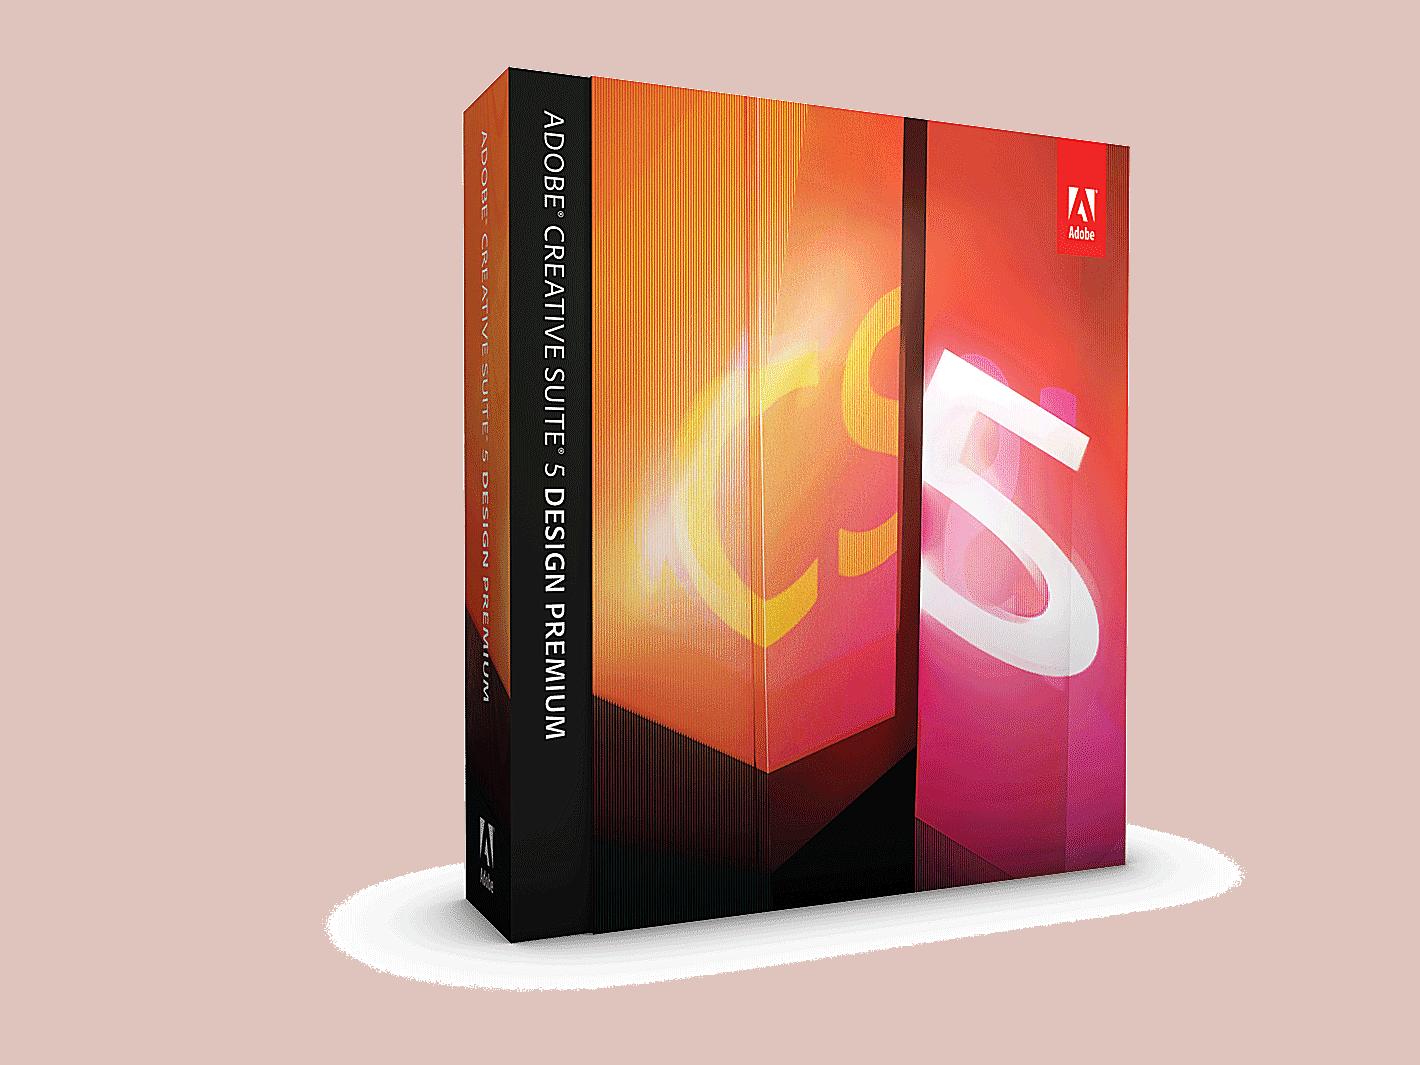 Adobe CS5.5 Web Premium Best Deal